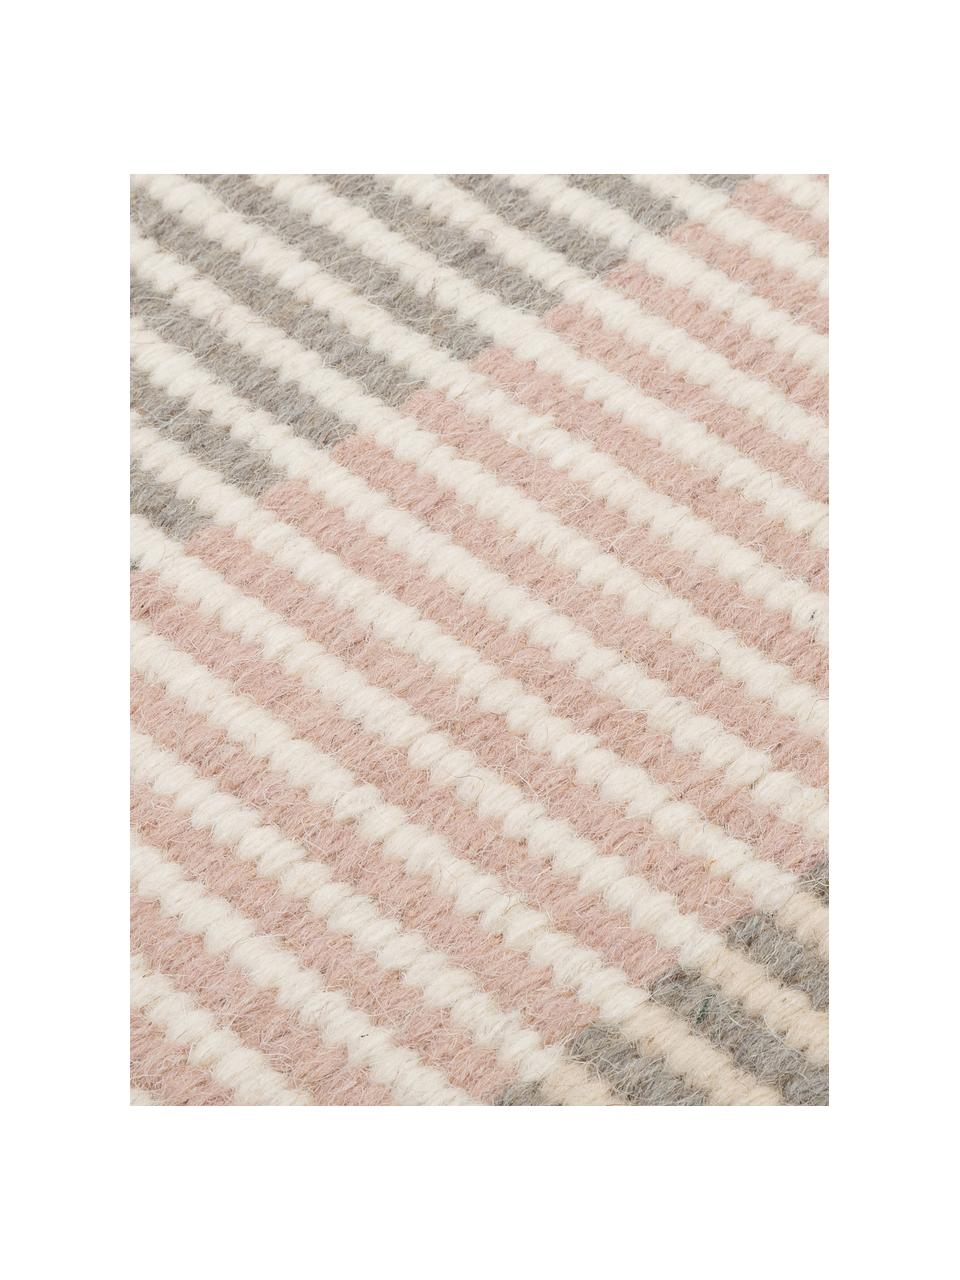 Gestreifter Kelimteppich Devise aus Wolle, handgewebt, 100% Wolle  Bei Wollteppichen können sich in den ersten Wochen der Nutzung Fasern lösen, dies reduziert sich durch den täglichen Gebrauch und die Flusenbildung geht zurück., Mehrfarbig, B 140 x L 200 cm (Größe S)